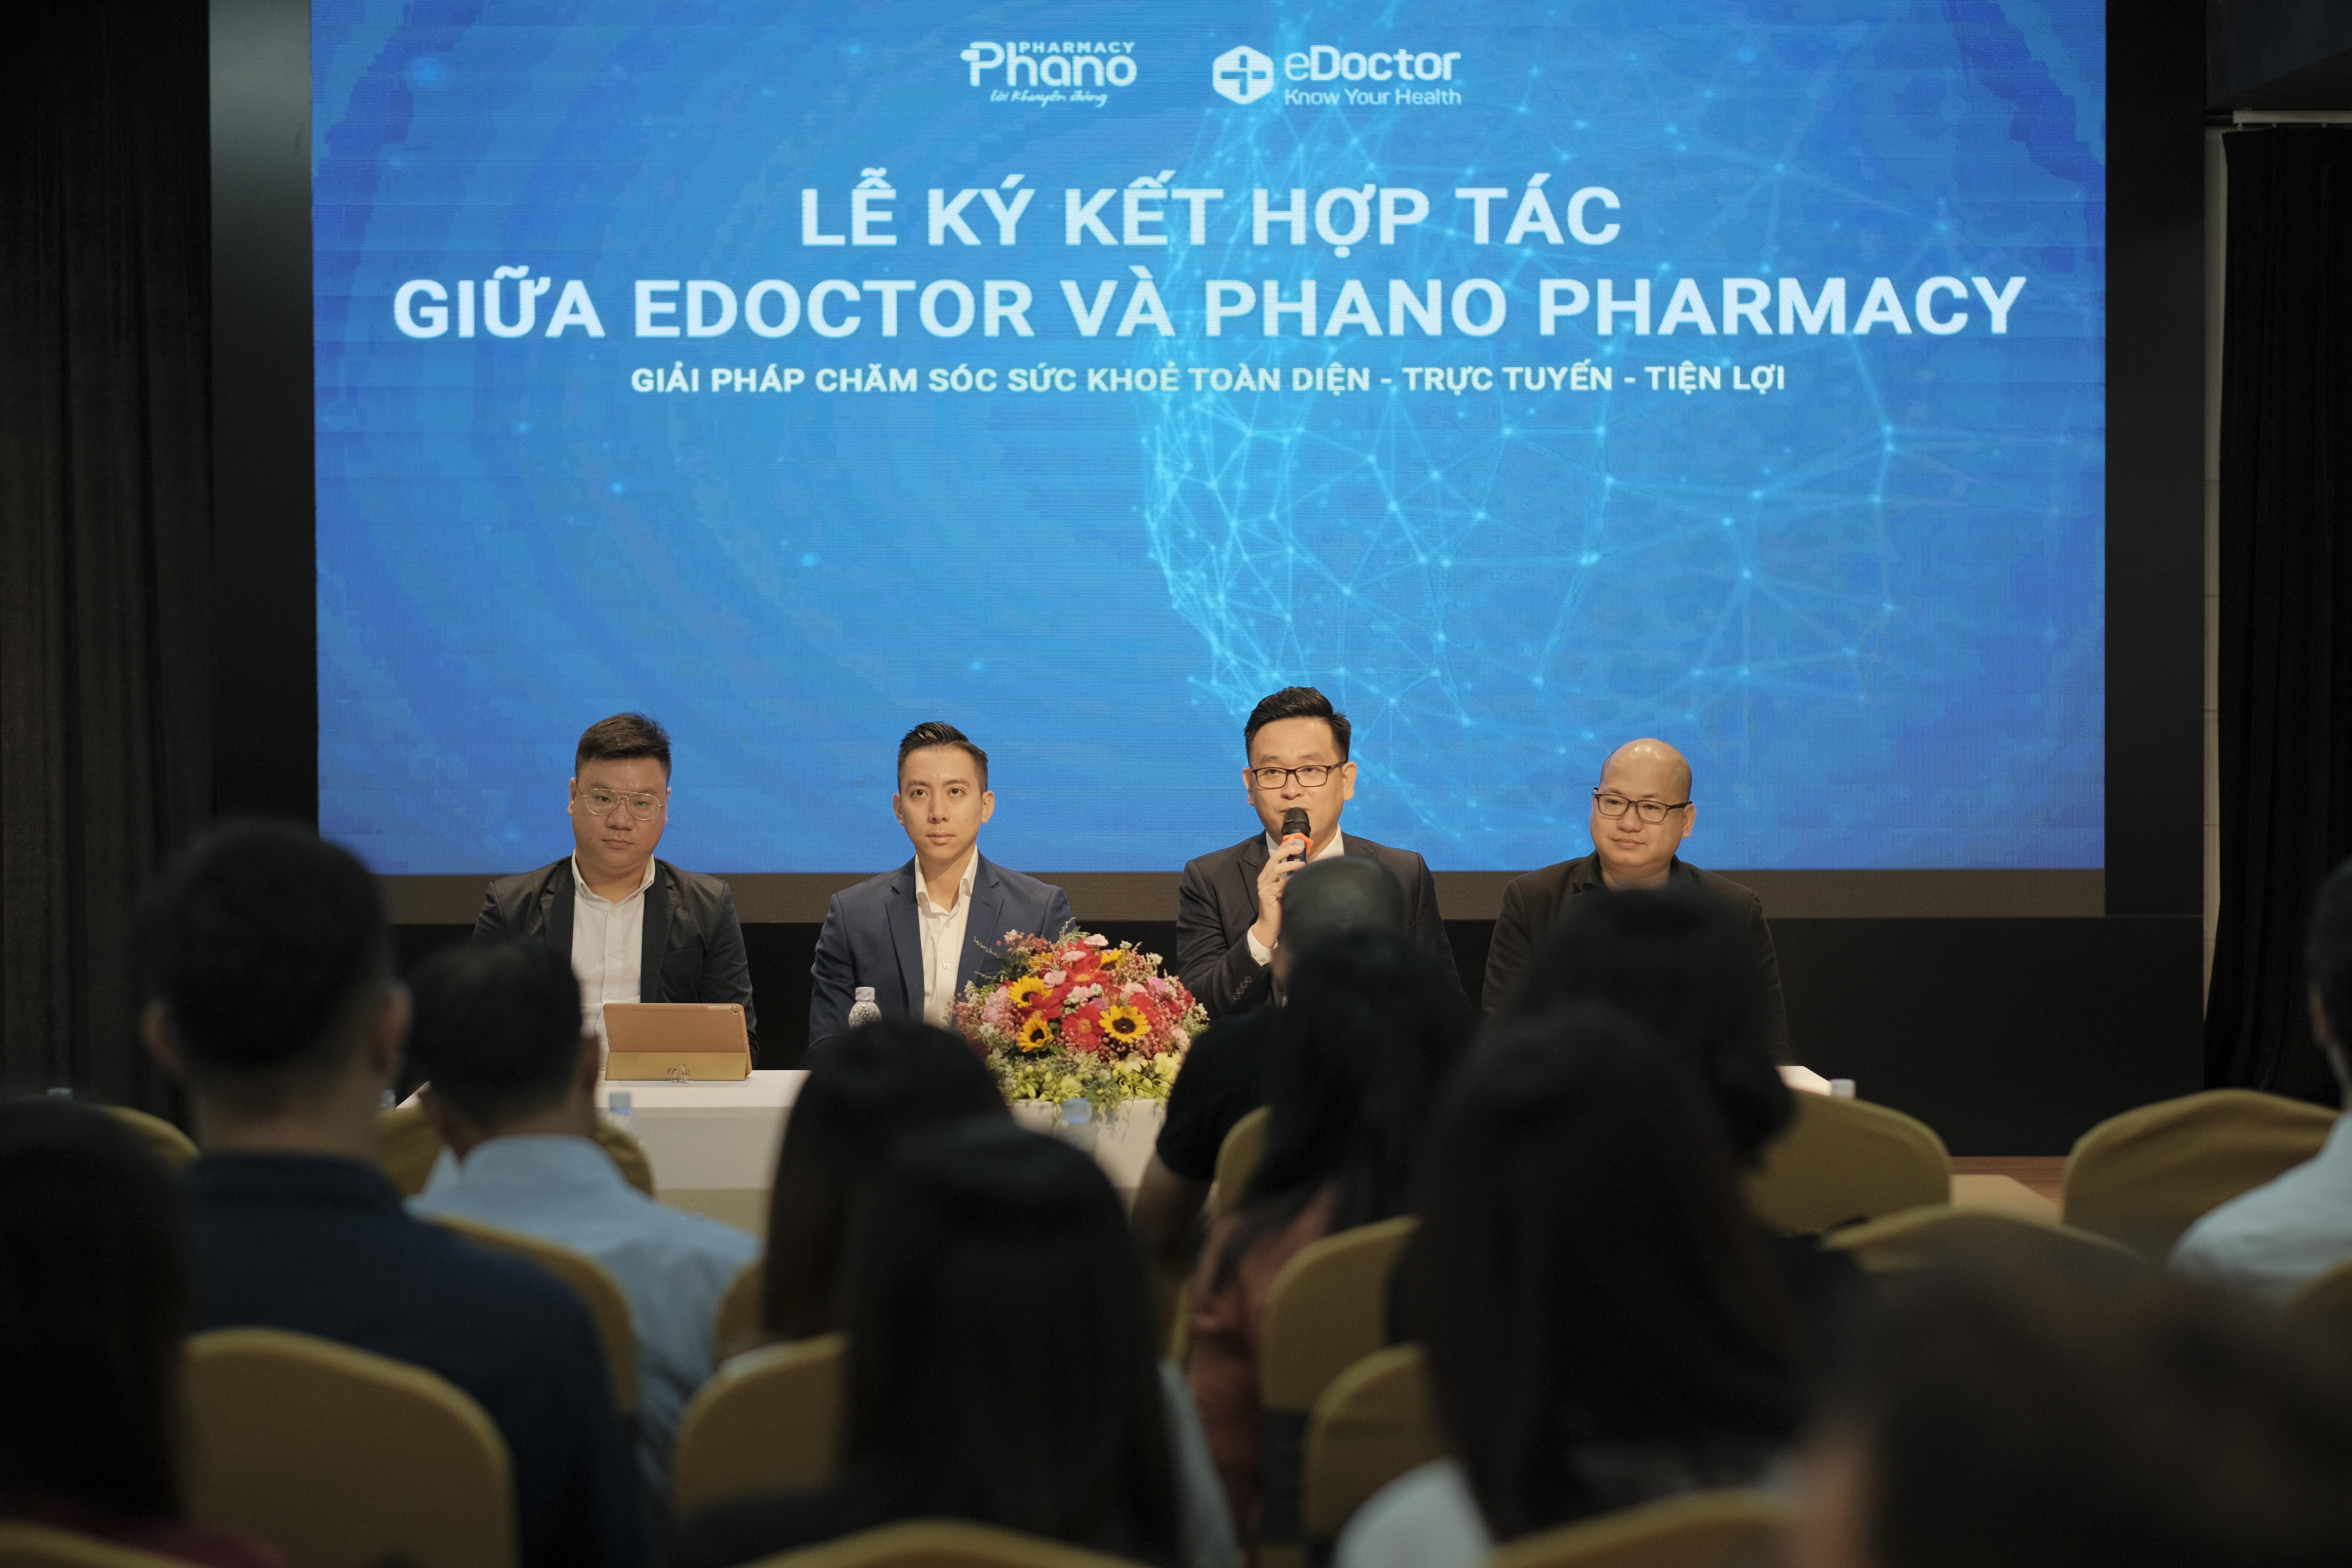 eDoctor bắt tay Phano Pharmacy bán thuốc trực tuyến, giao hàng nhanh chóng trong 2 giờ tại TP HCM - Ảnh 2.